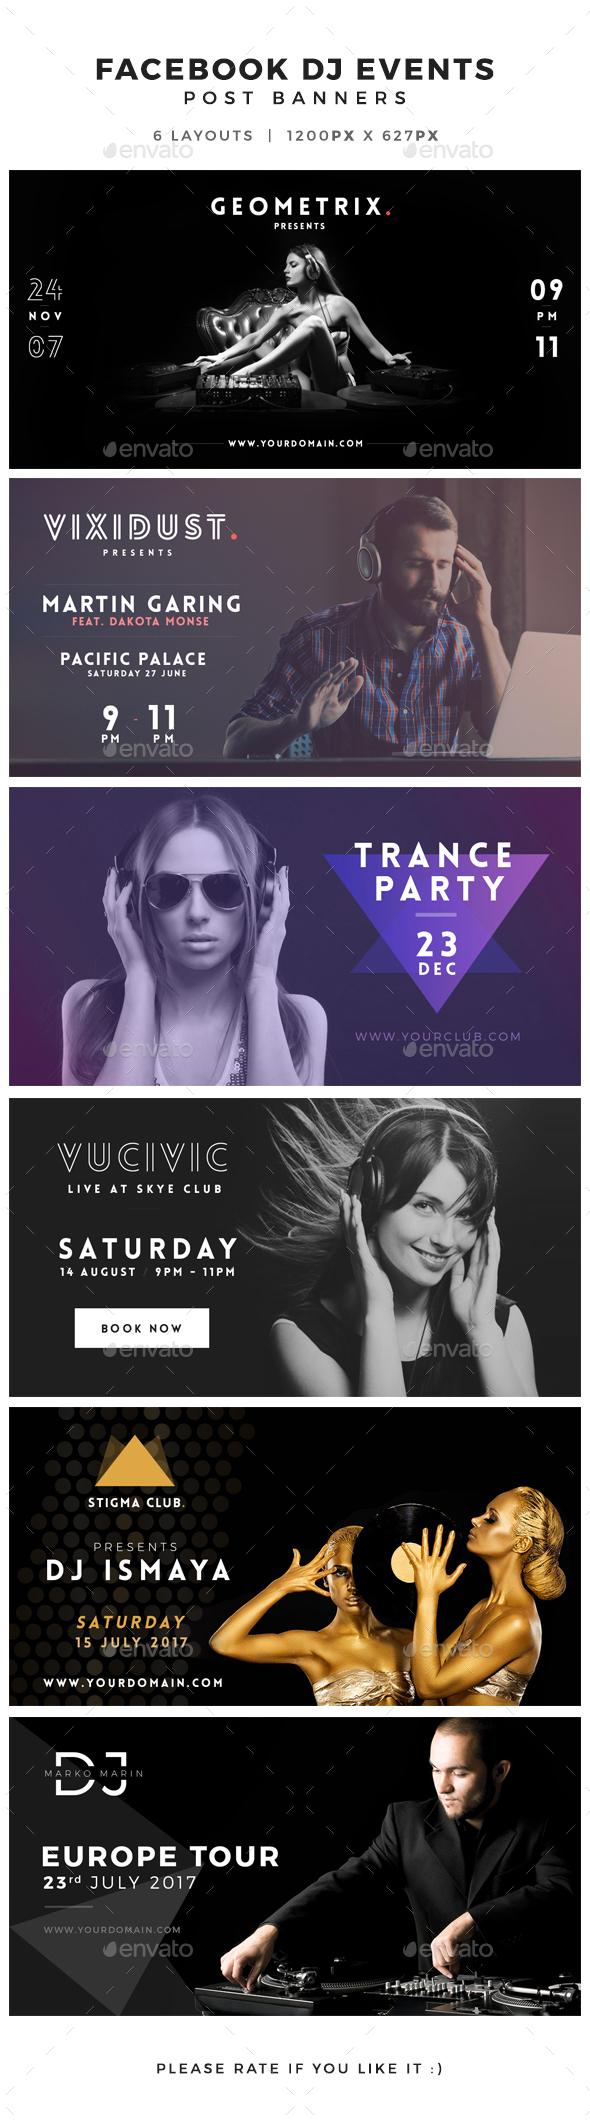 Facebook DJ Events Post Banner - Facebook Timeline Covers Social Media